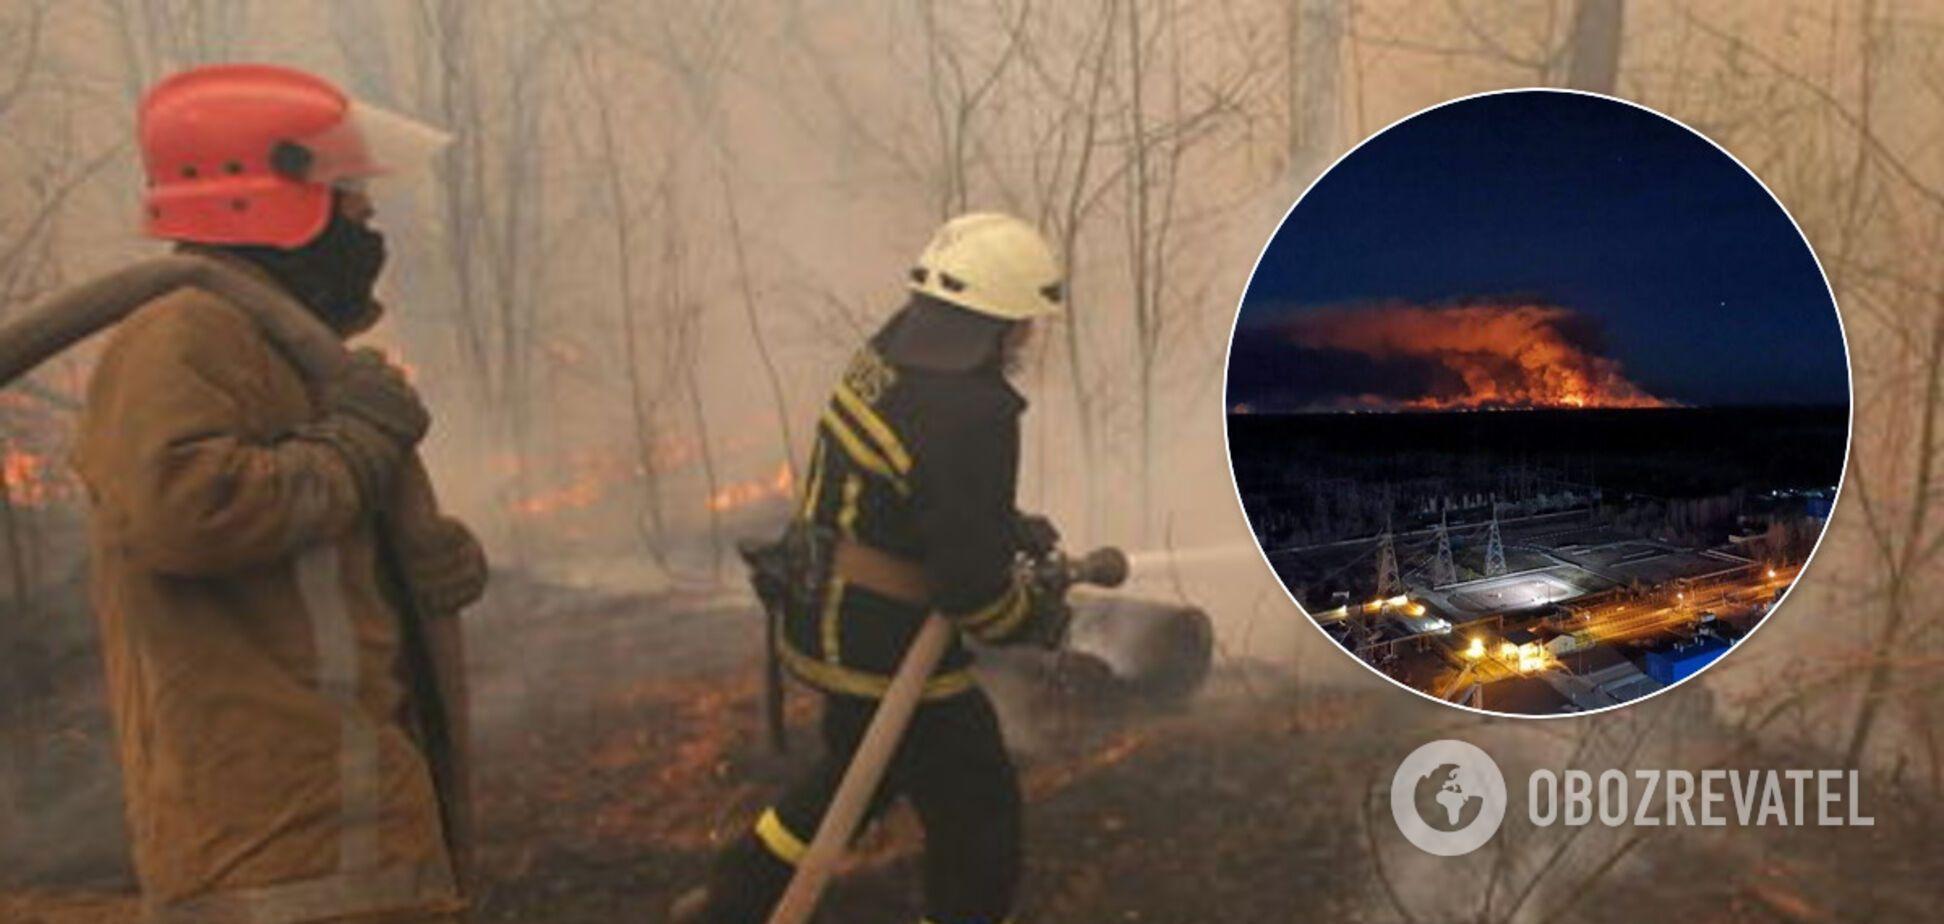 Пожар в Чернобыльской зоне: появились новые очаги тления